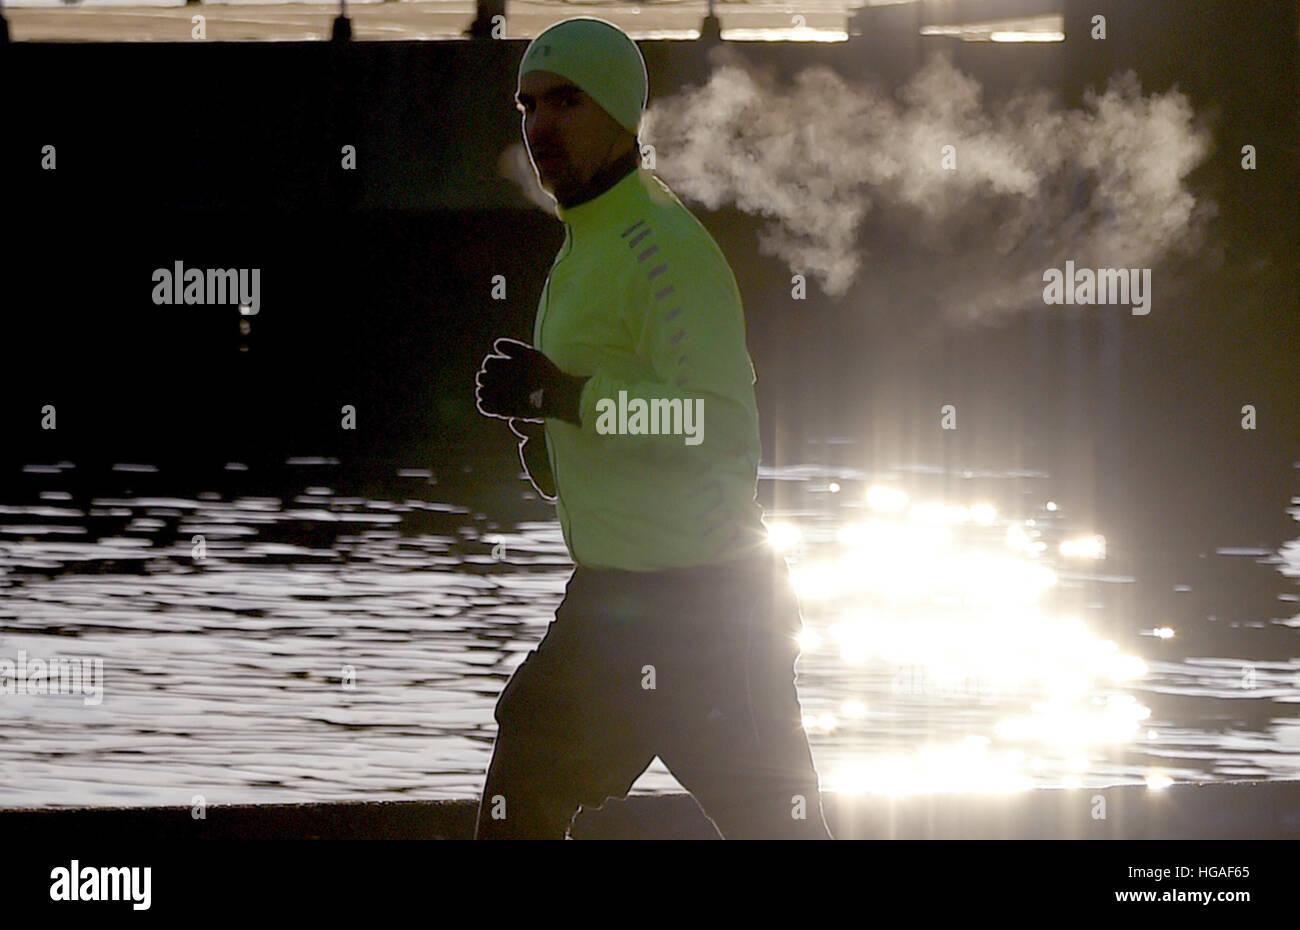 Kiel, Allemagne. 06 Jan, 2017. Un jogger court le long de la rivière Foerde peu après le lever du soleil Photo Stock